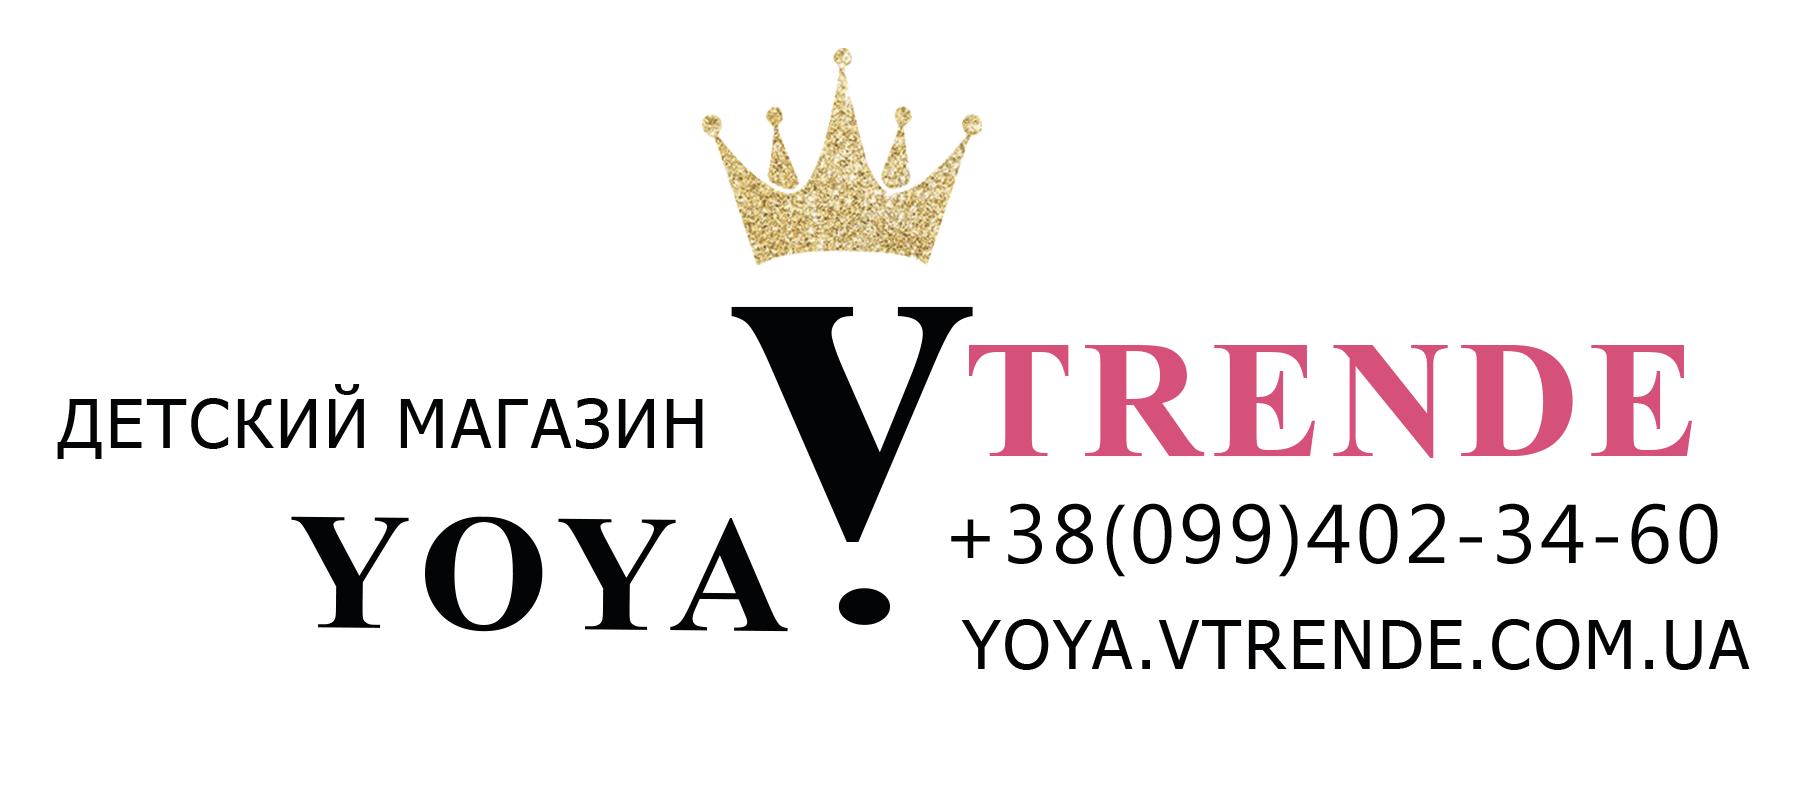 Детские коляски Yoya (Йойа) в Украине